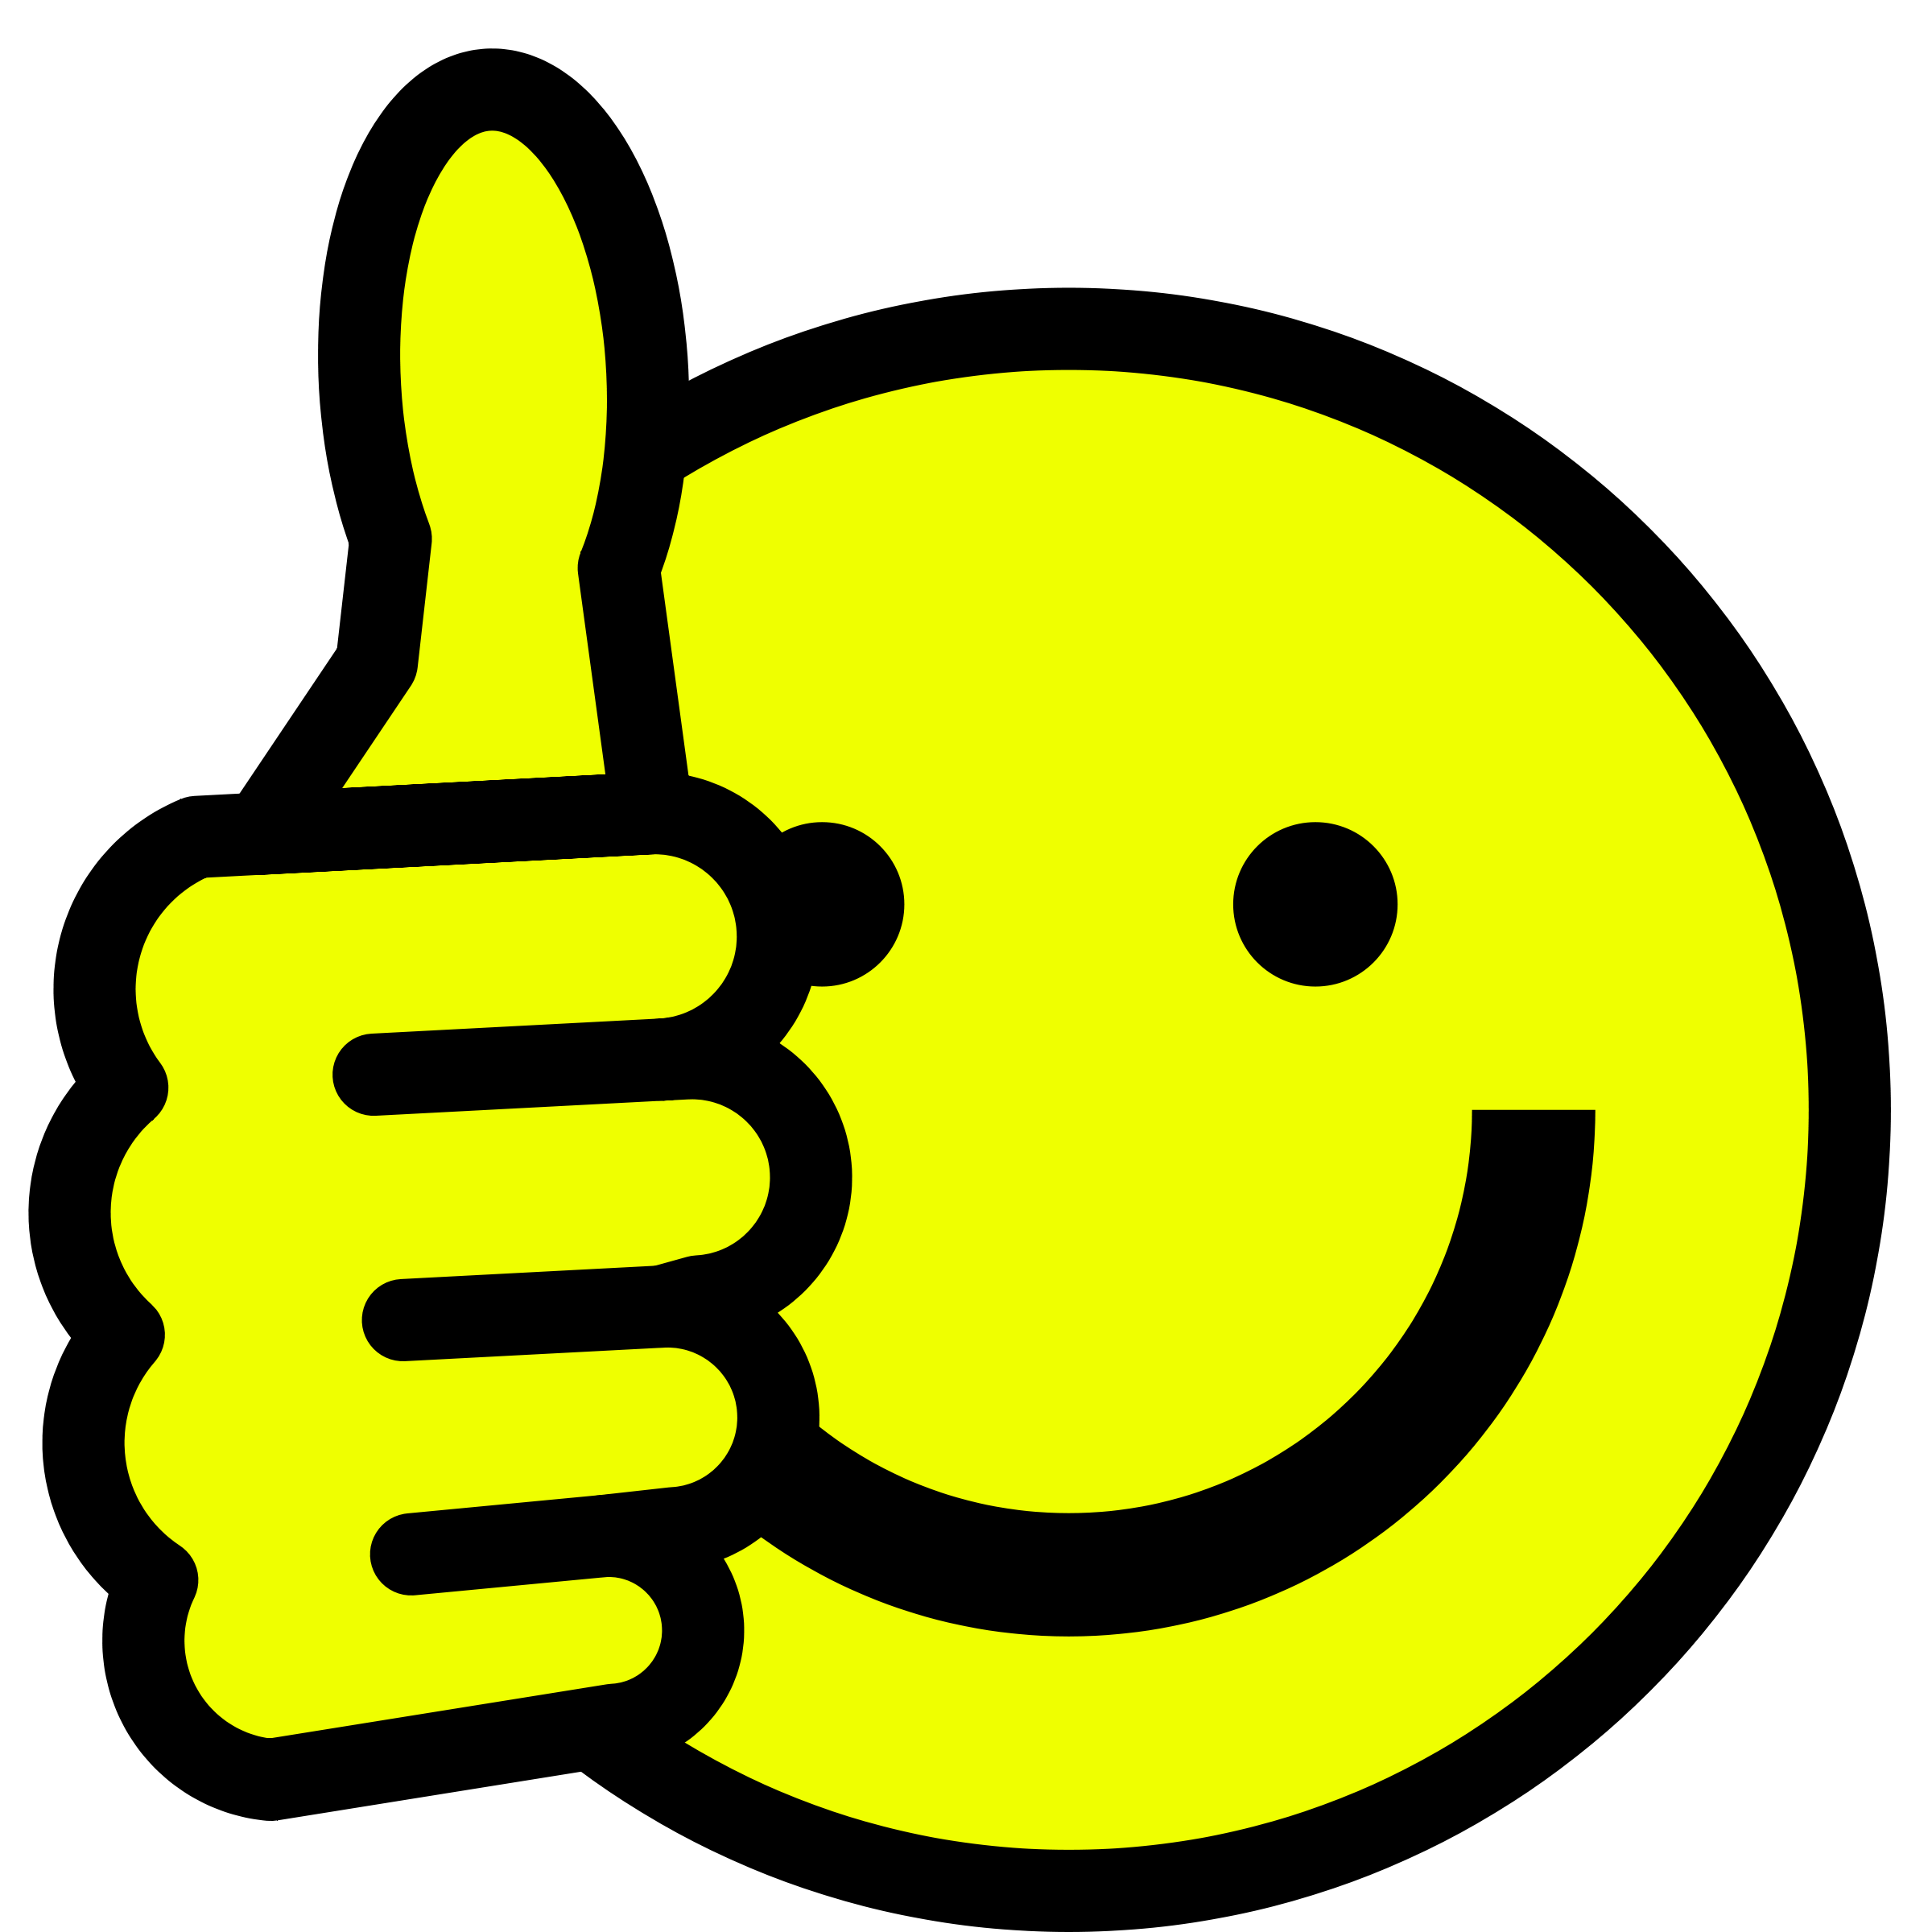 skotan_Thumbs_up_smiley